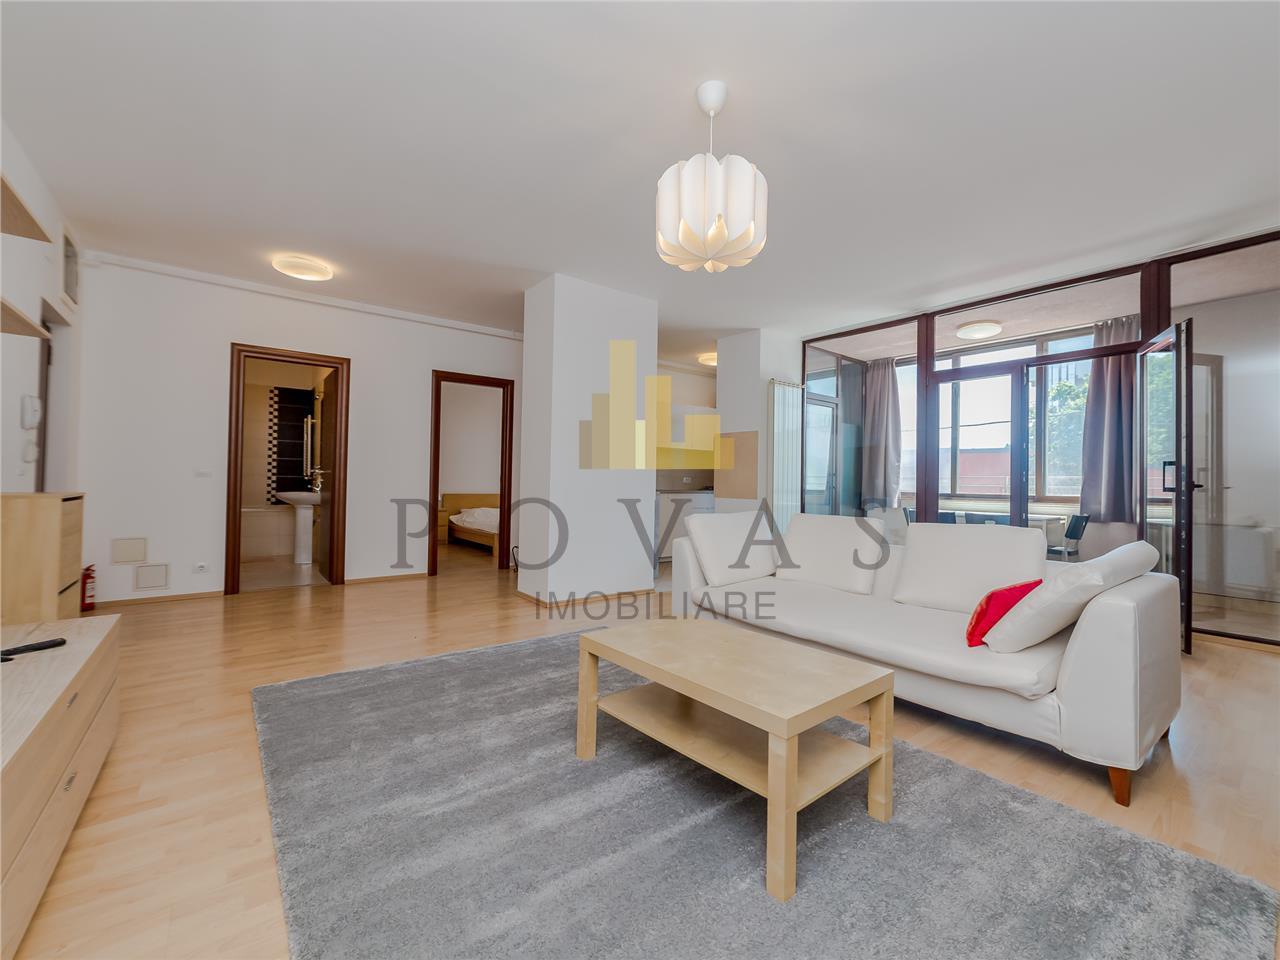 Inchiriere Apartament 2 Camere Dobrogeanu Gherea Baneasa